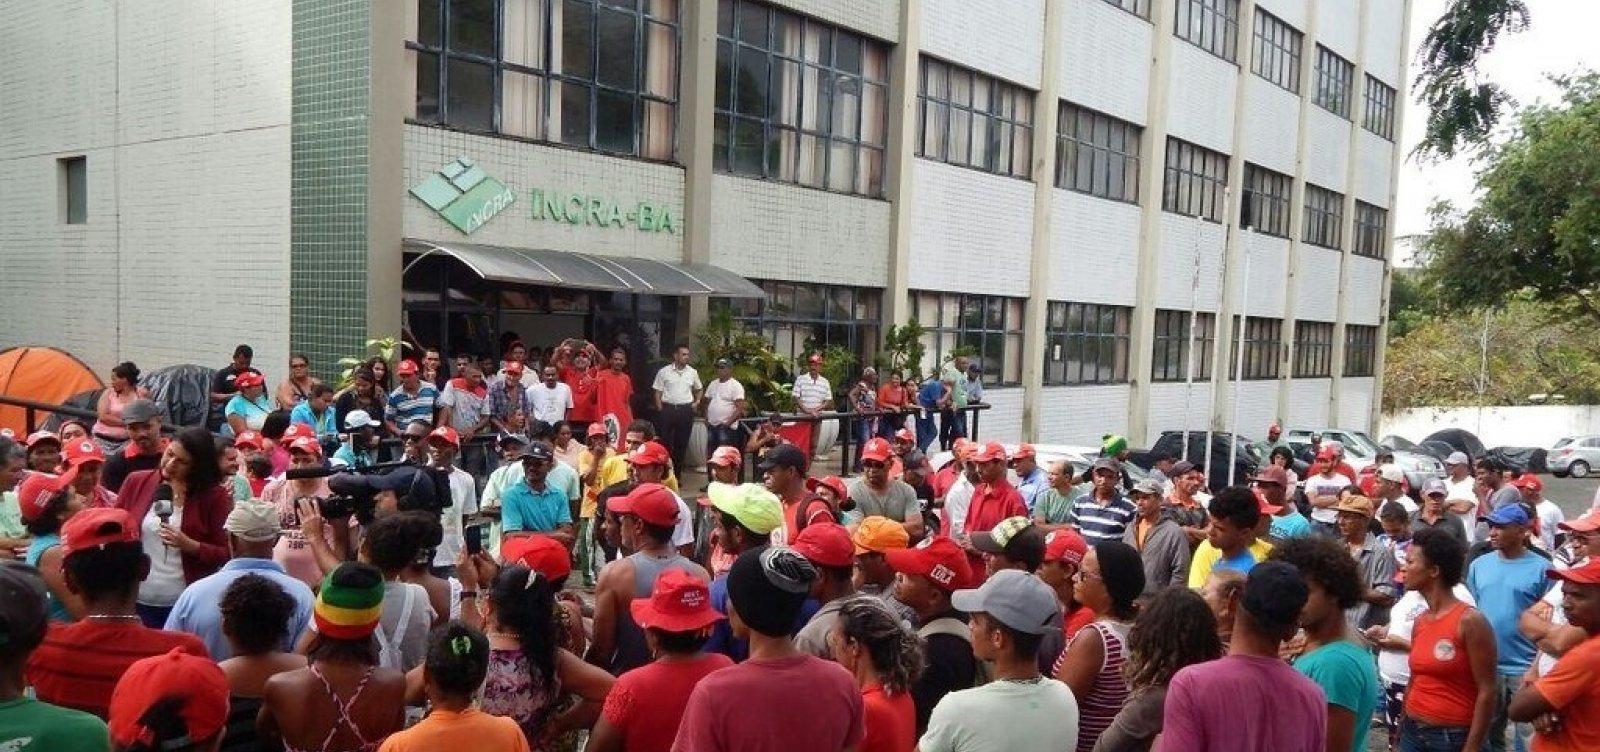 [Governo Bolsonaro orienta retirada de manifestantes de prédio público sem ordem judicial]